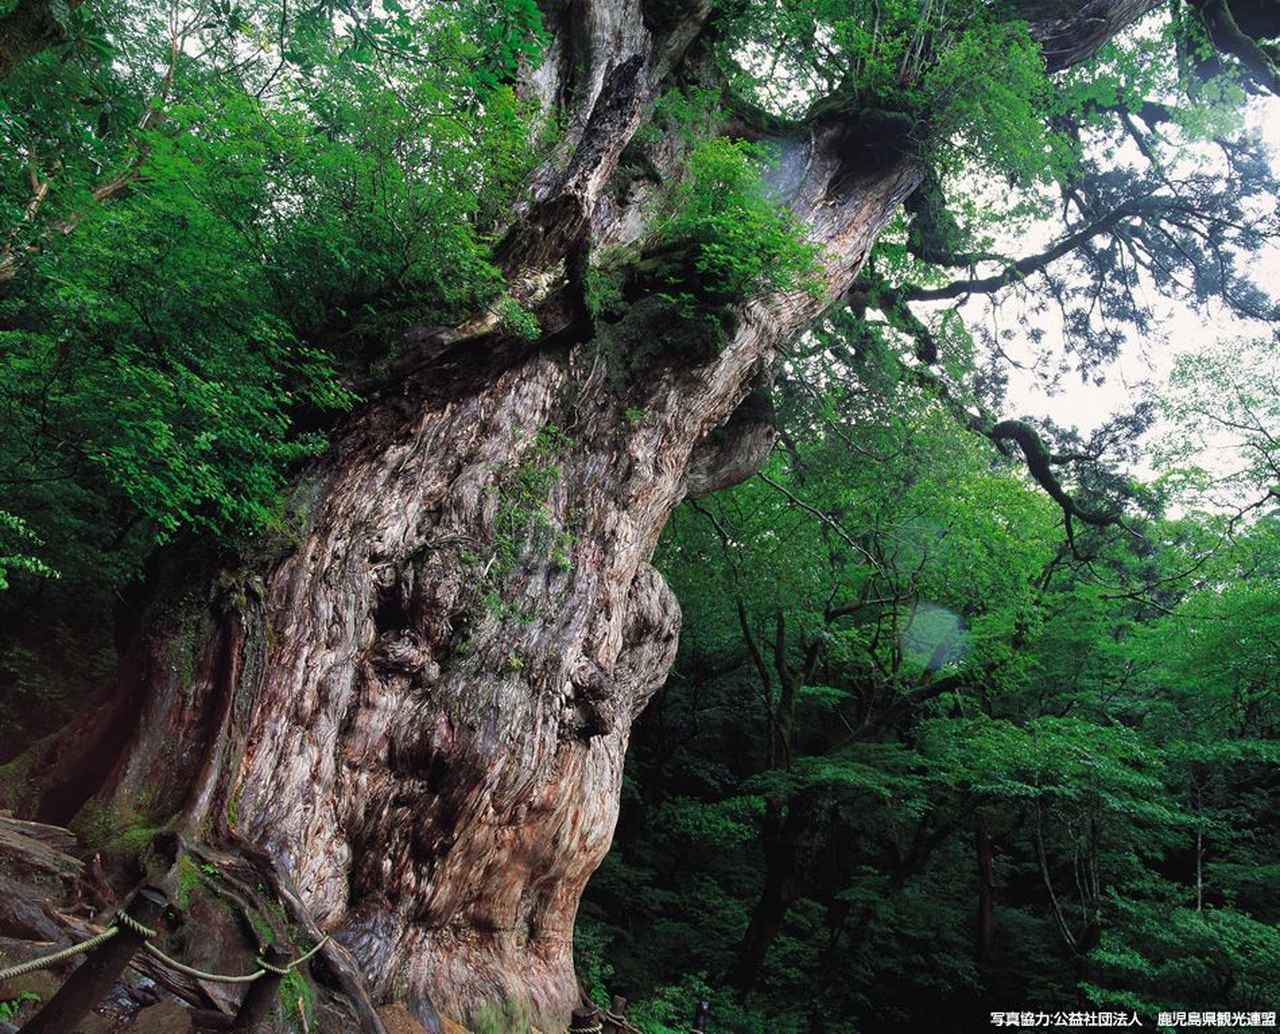 画像: 屋久杉が待つ場所へ。世界遺産の森を歩く